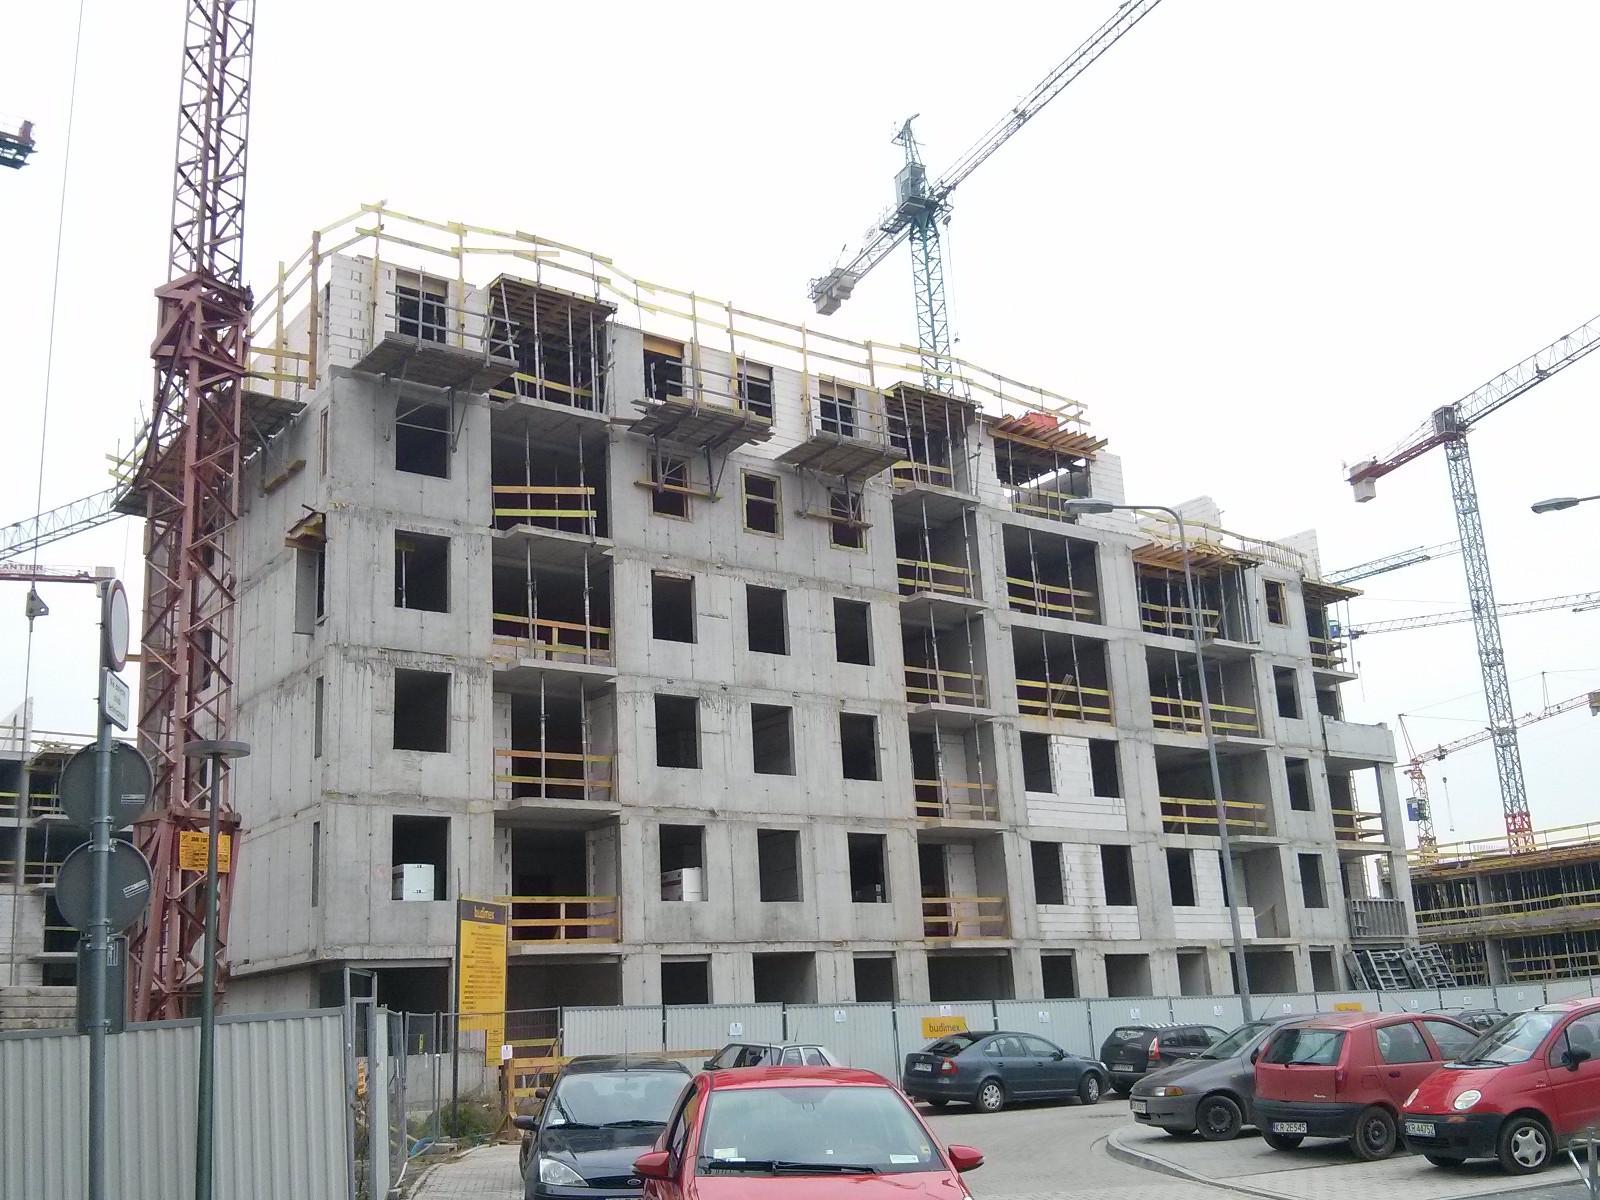 Avia 5 - nowe osiedle mieszkaniowe w Czyżynach od Budimexu